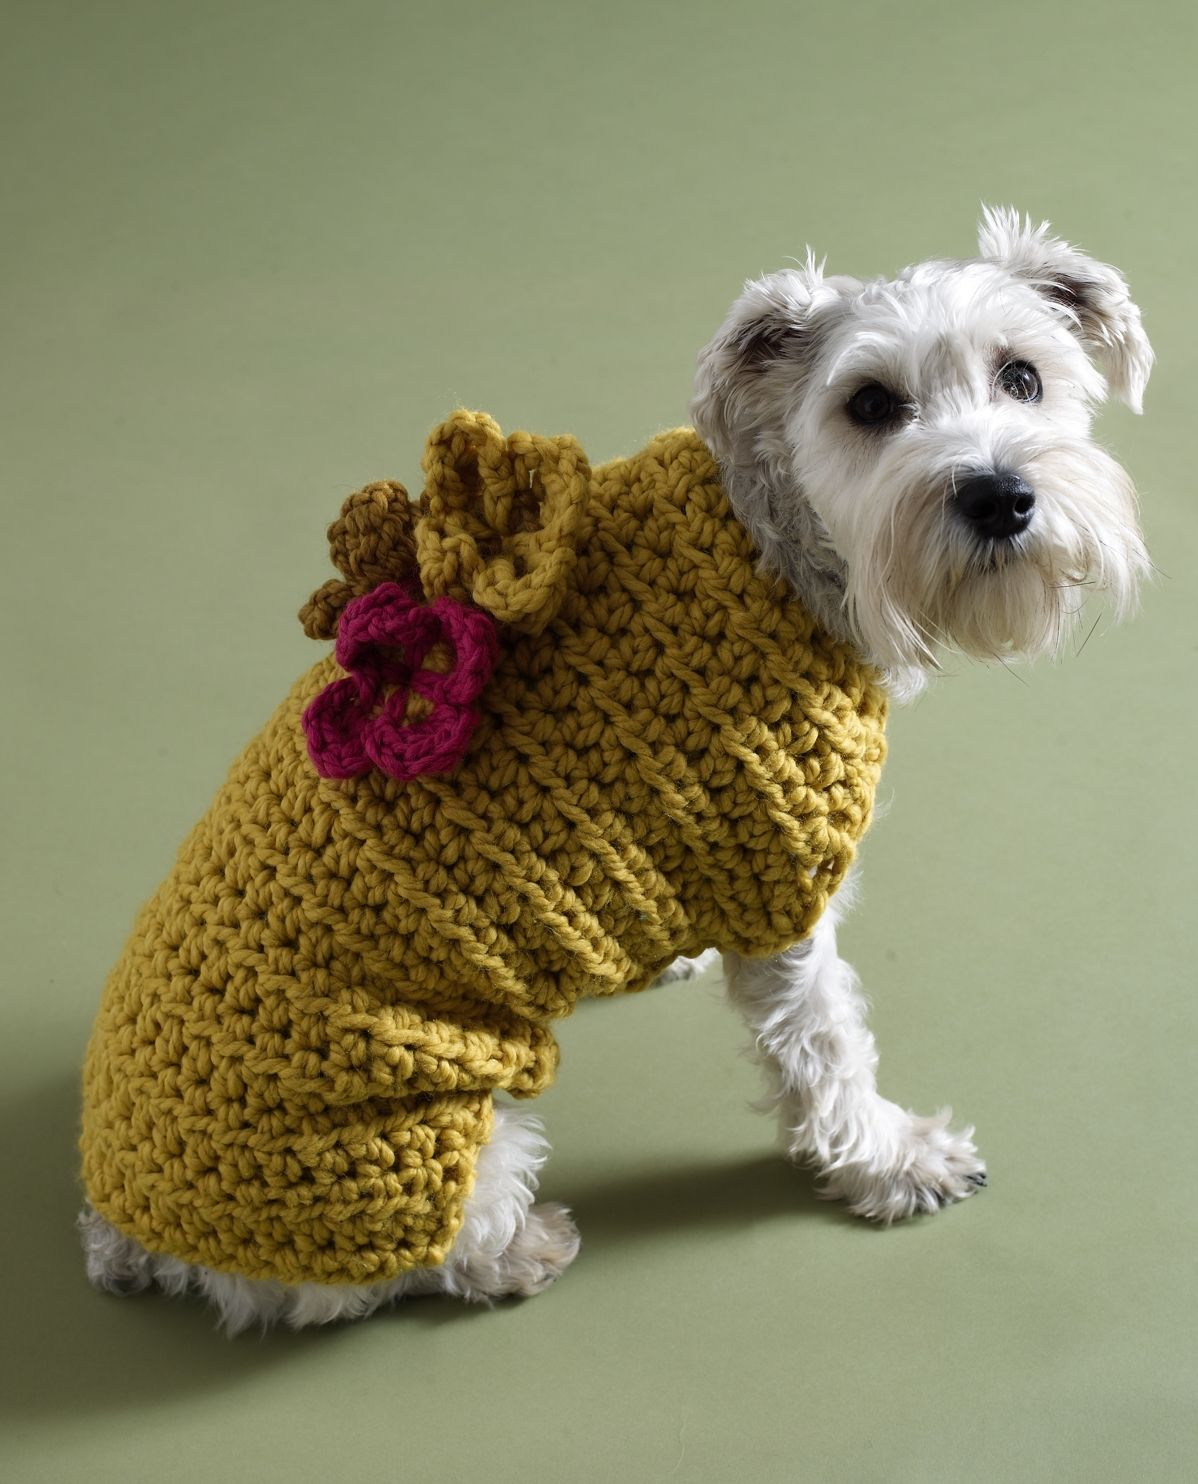 Crochet hat patterns for large dogs crochet pattern crochet ravelry flower garden dog sweater pattern by lion brand yarn bankloansurffo Gallery